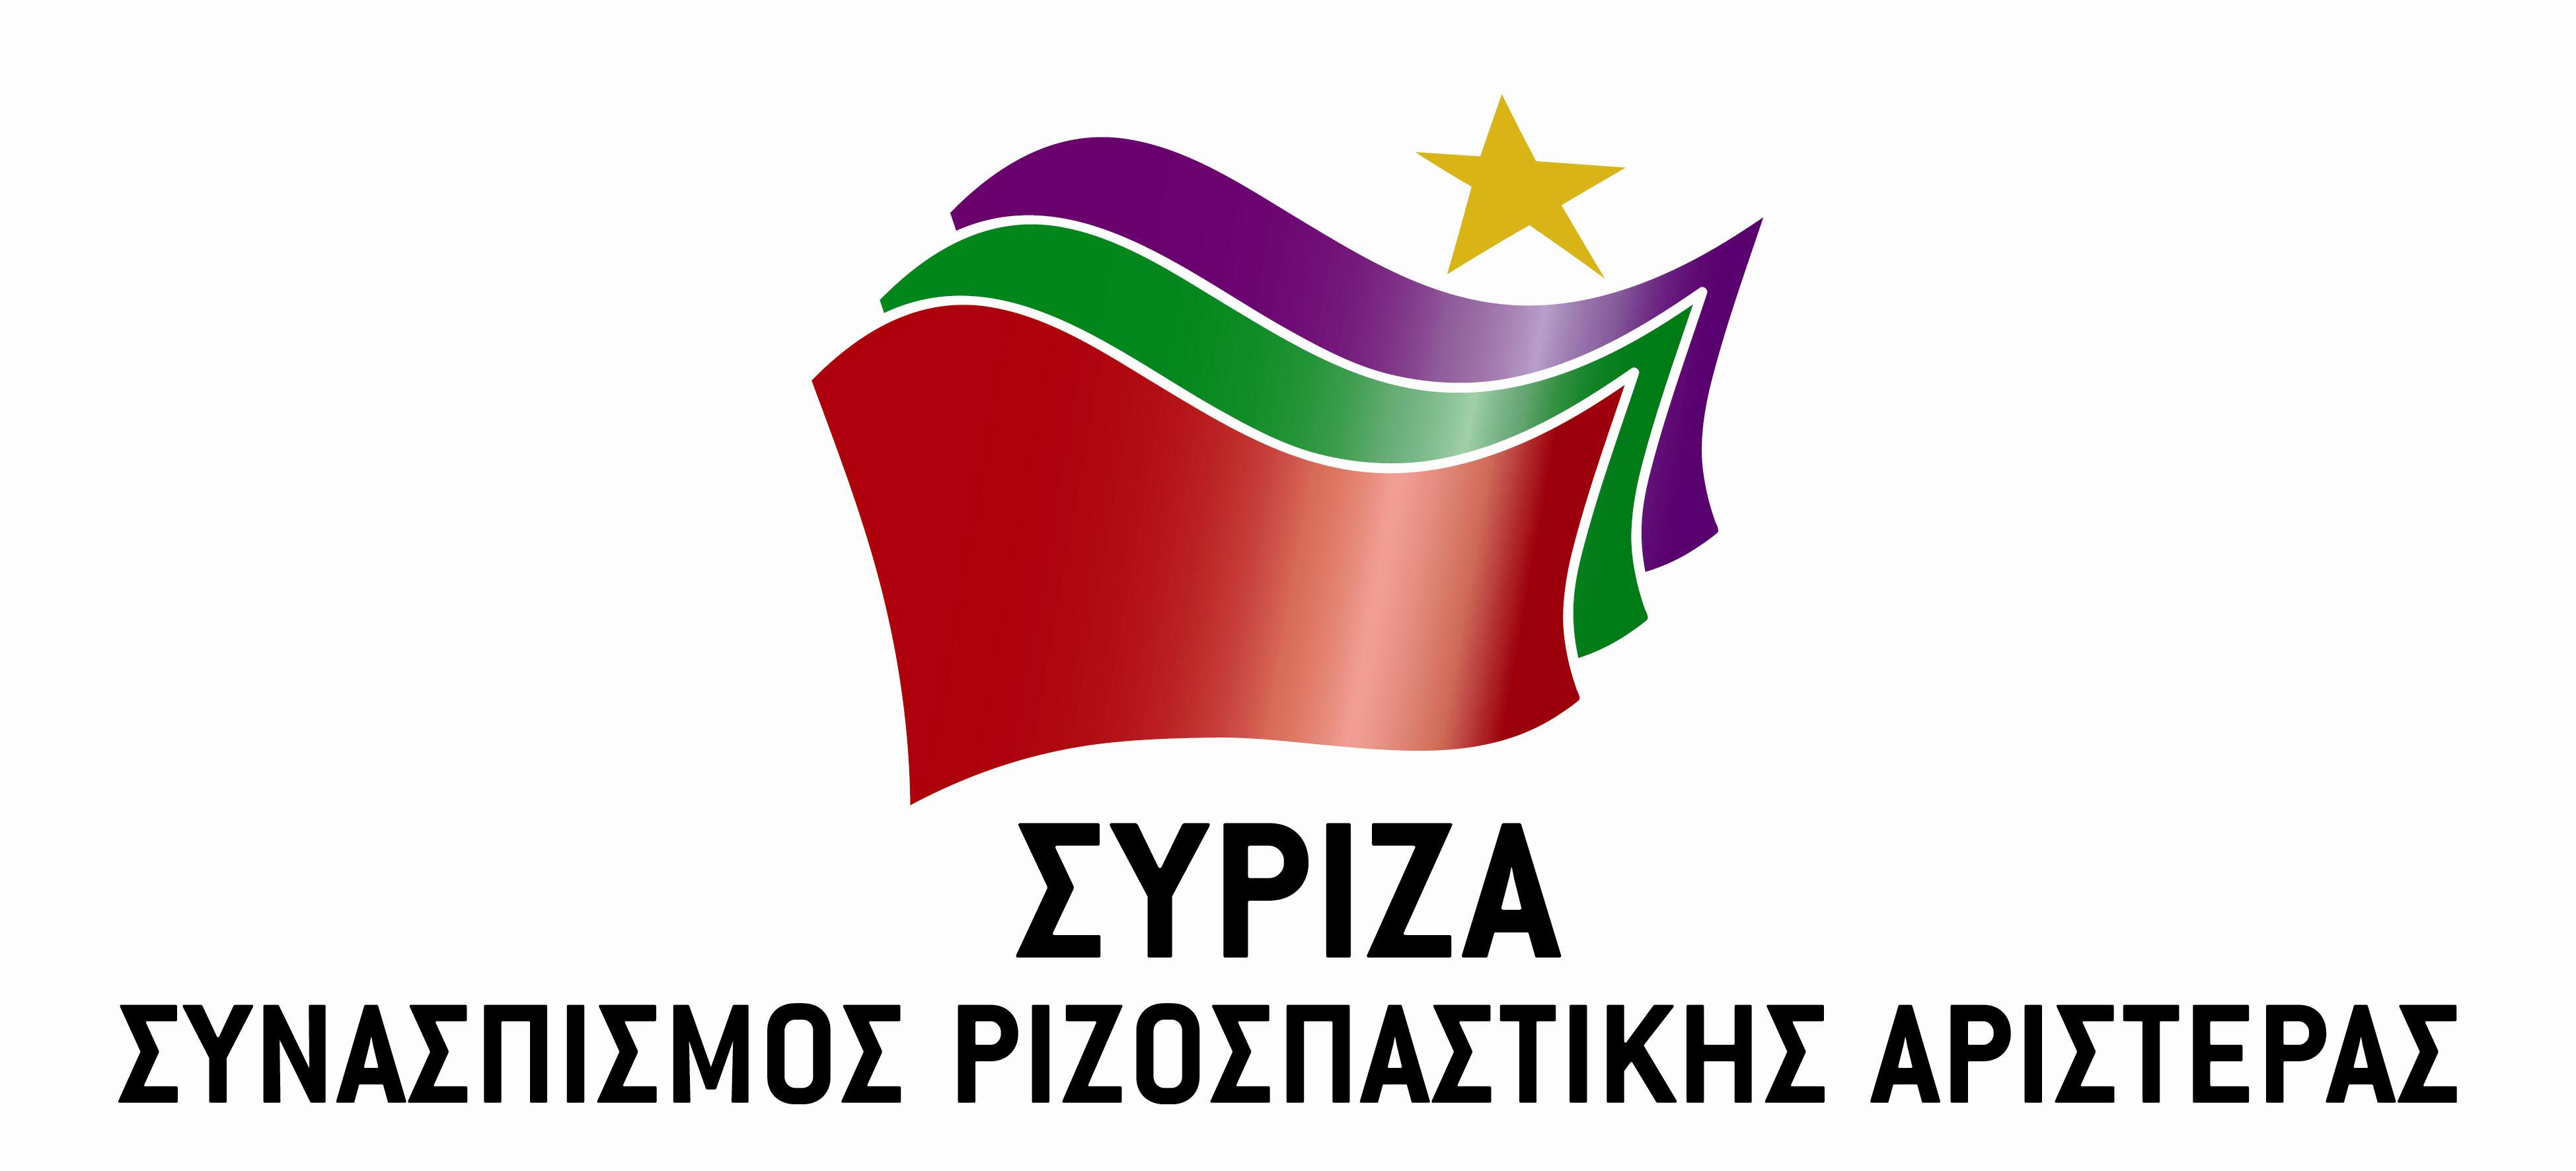 Αποτέλεσμα εικόνας για ΣΥΡΙΖΑ